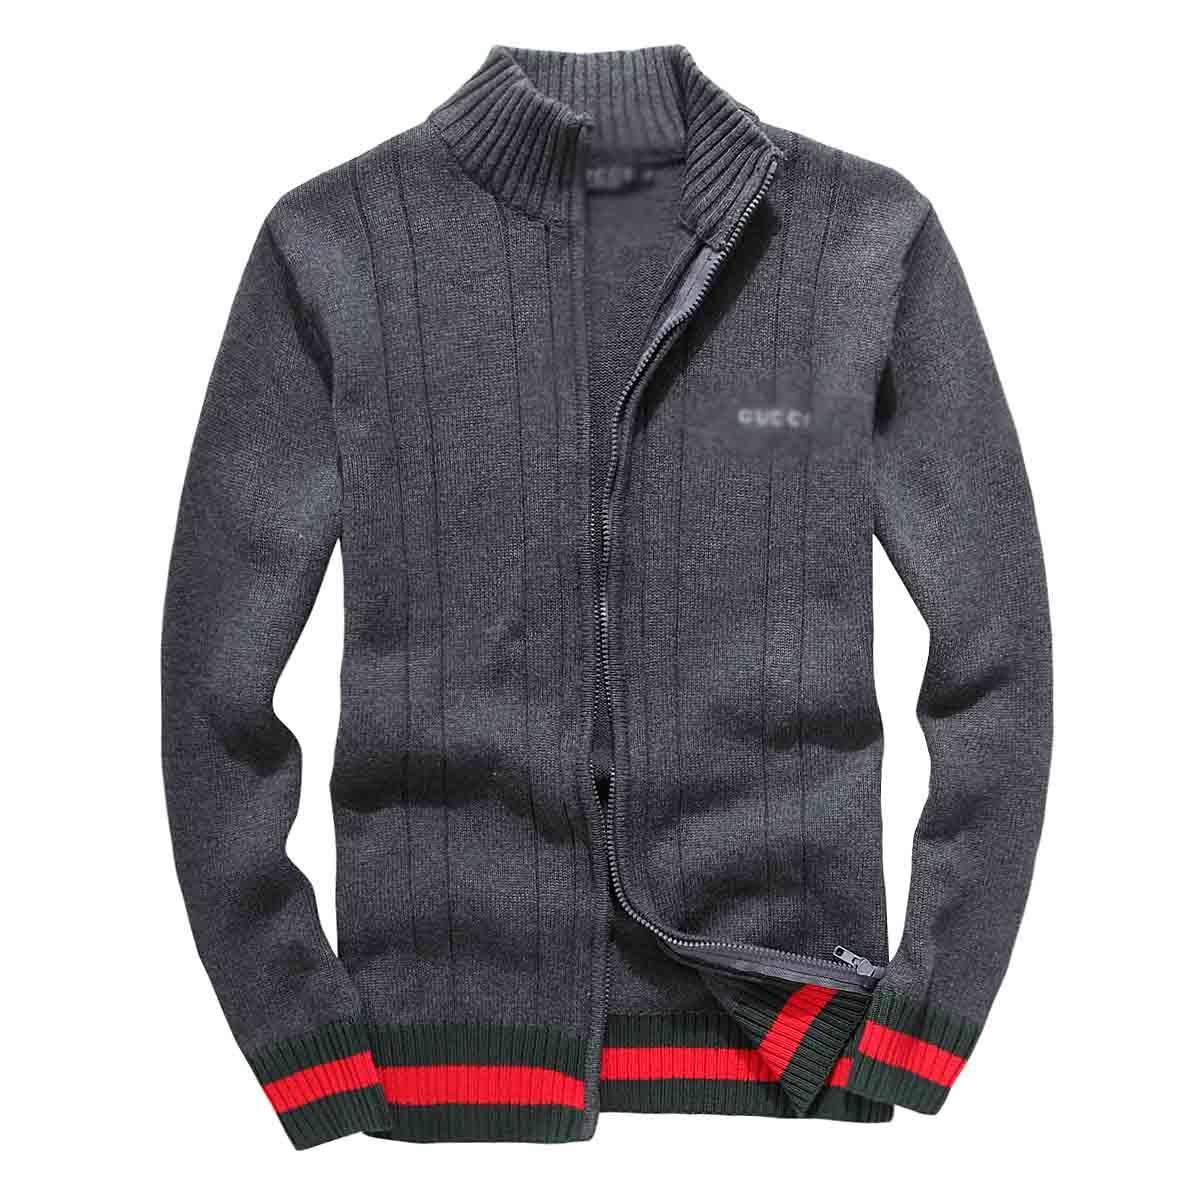 Hombres medusa suéter de lujo capucha chaqueta de punto de letras clásicas